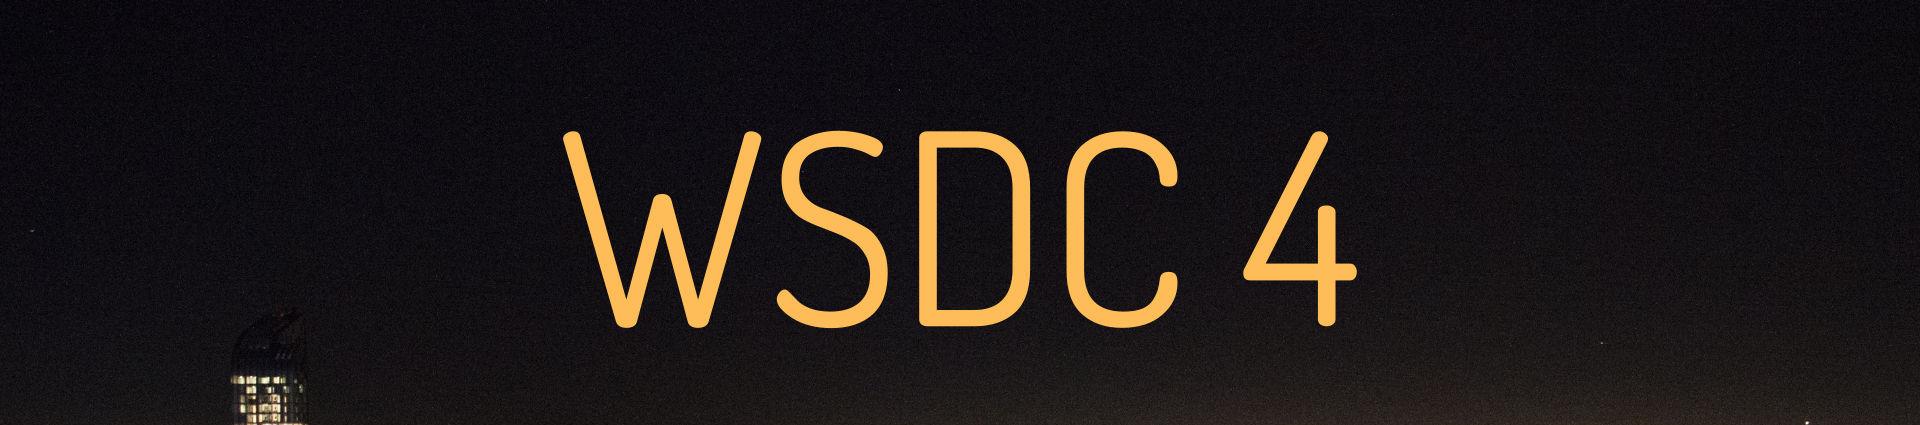 WSDC 4